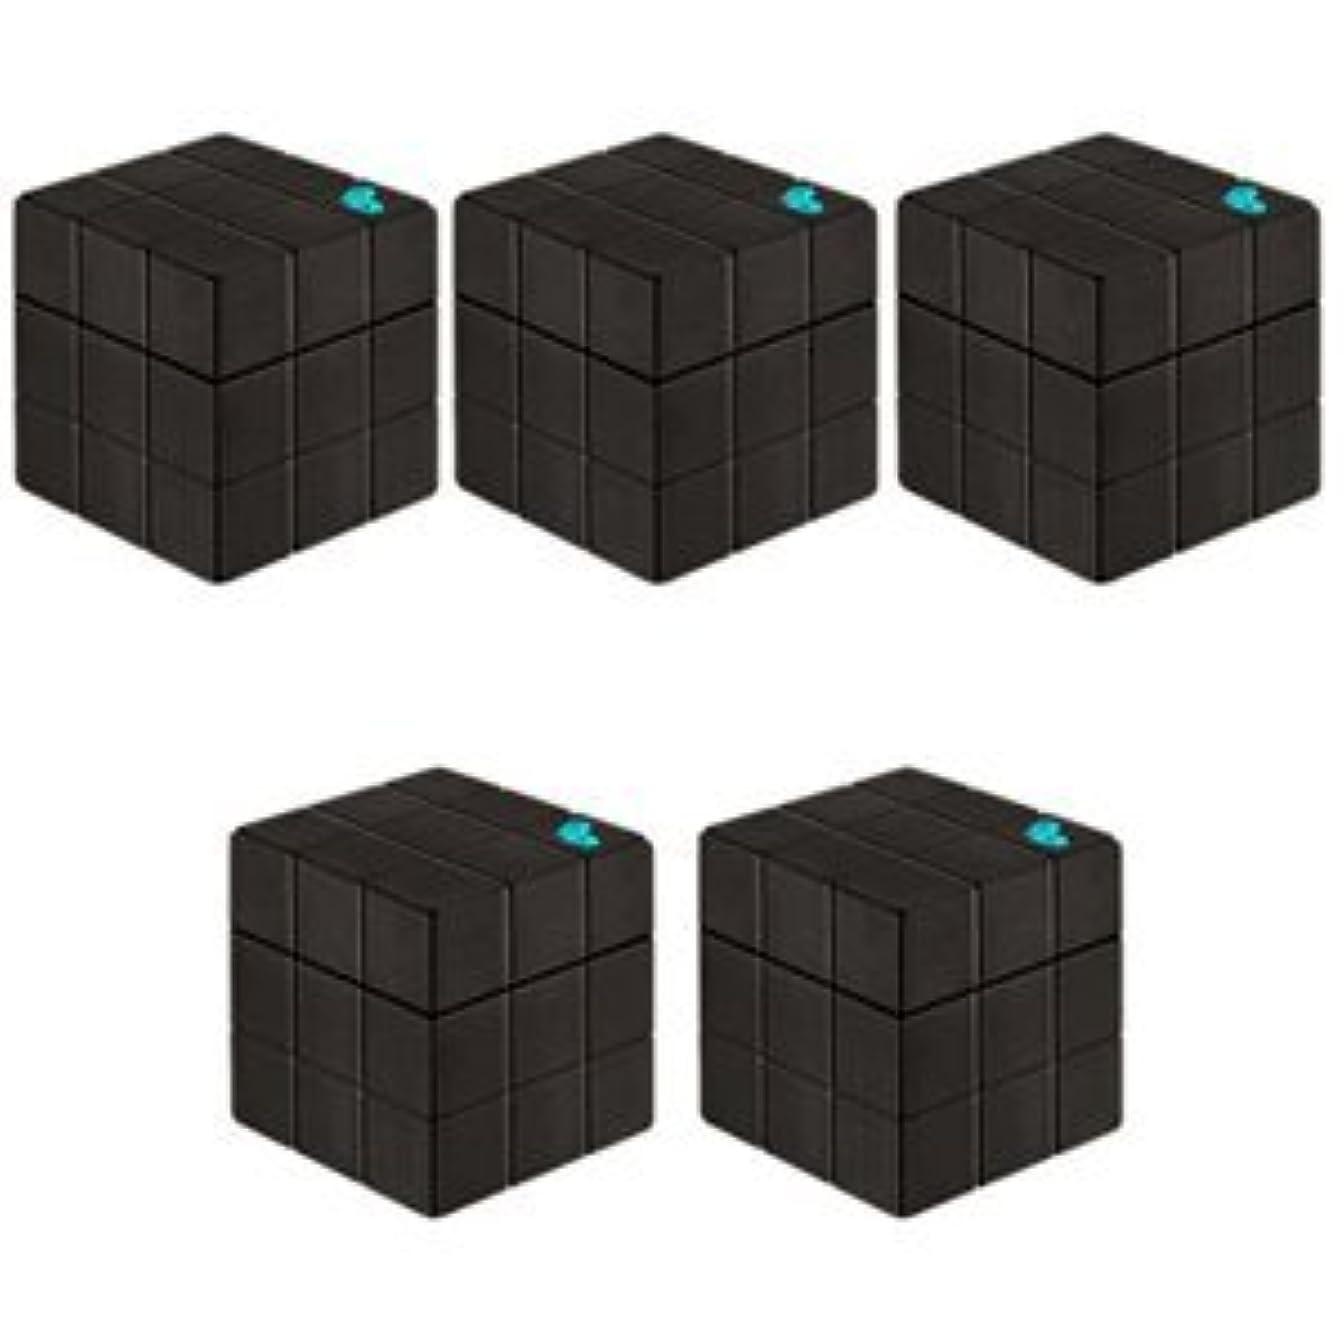 安いです不適気まぐれな【X5個セット】 アリミノ ピース プロデザインシリーズ フリーズキープワックス ブラック 80g ARIMINO